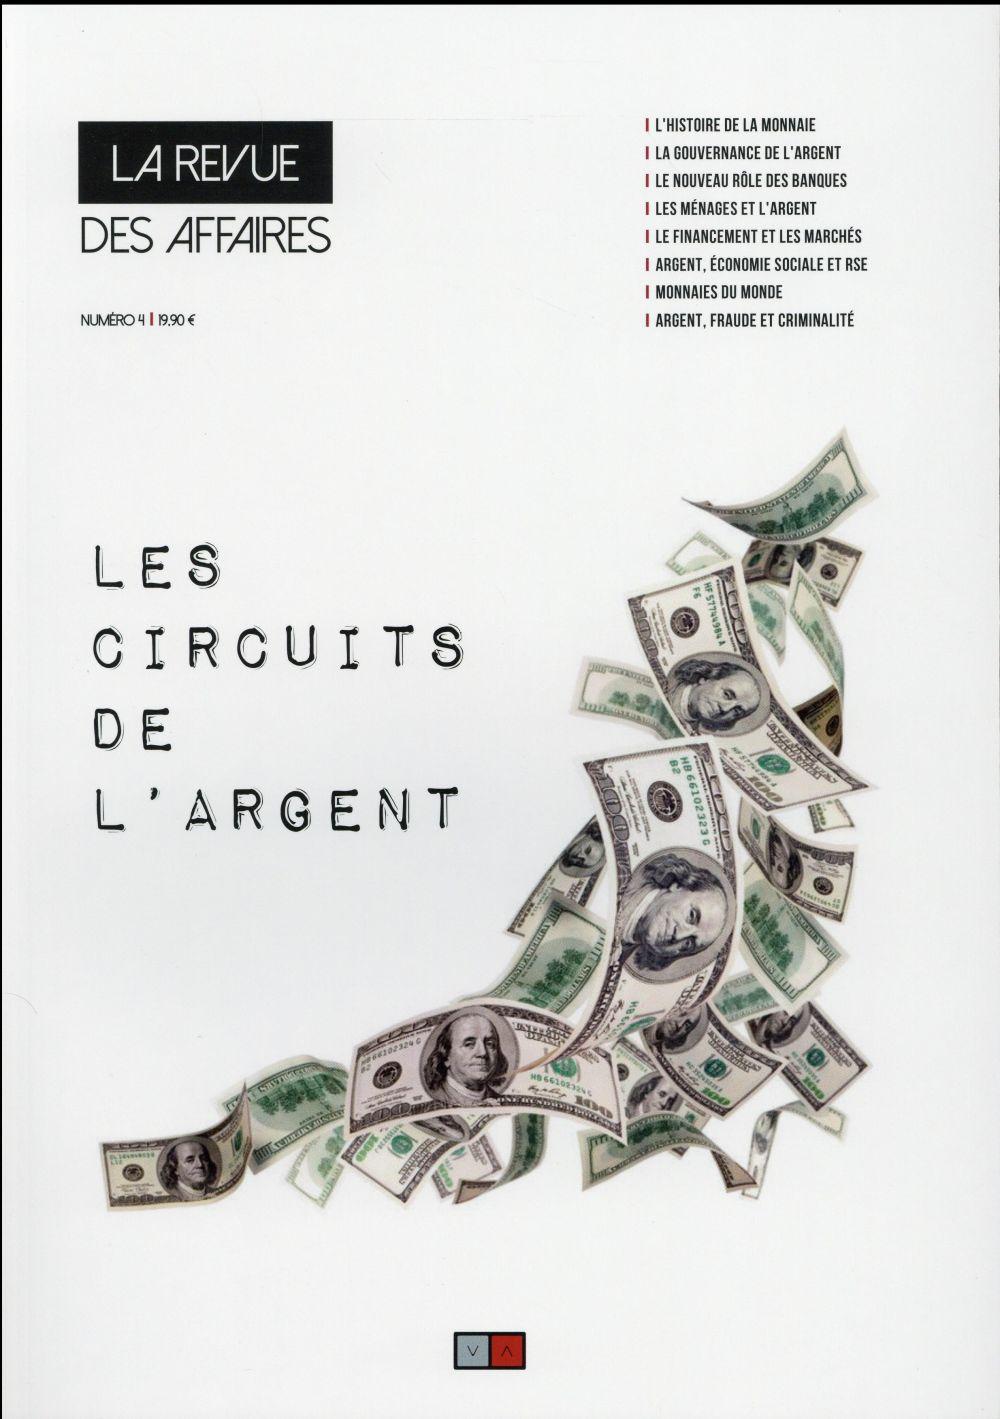 LES CIRCUITS DE L'ARGENT - LA REVUE DES AFFAIRES N 4.